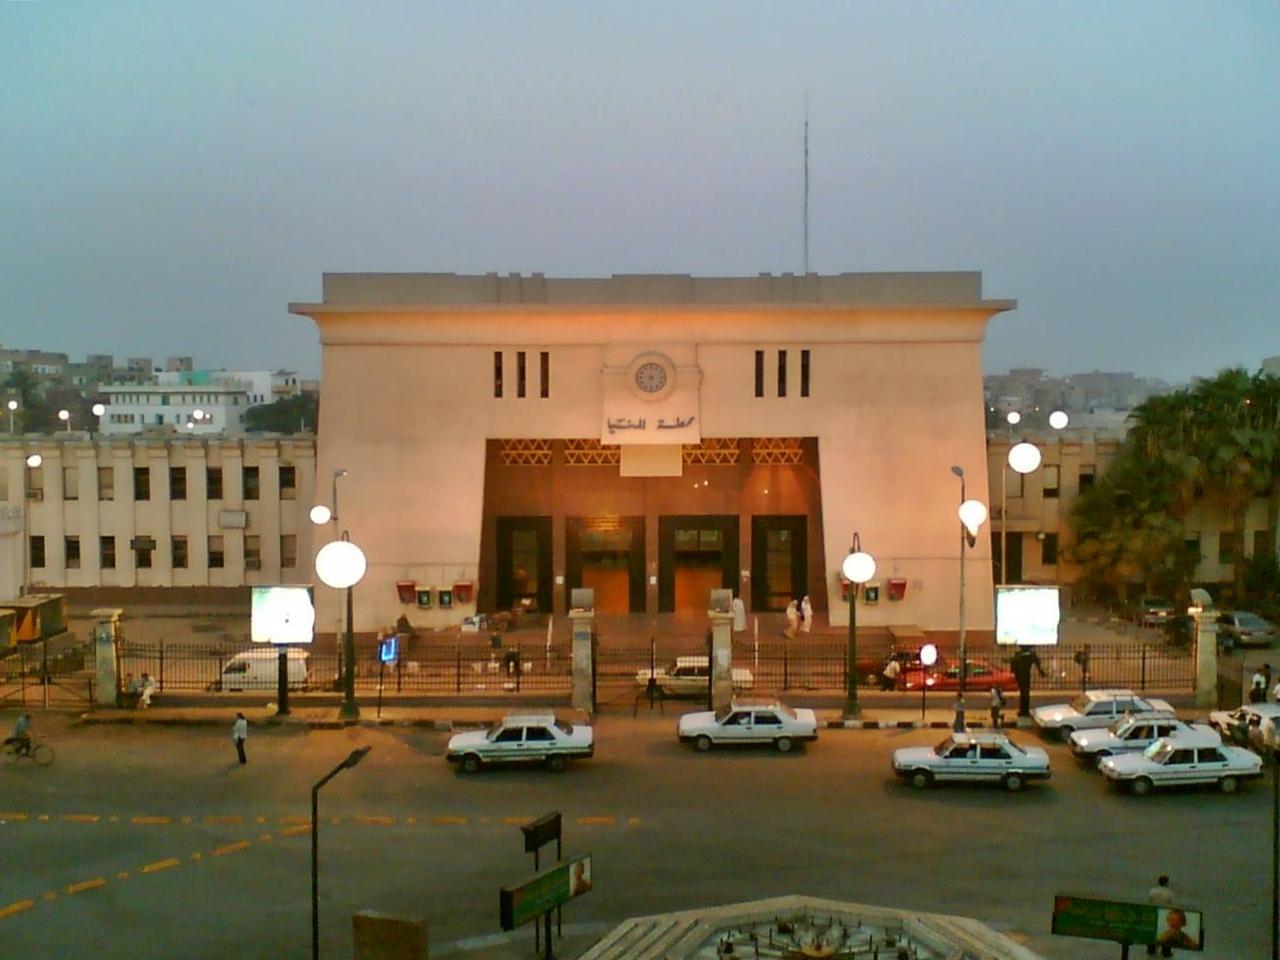 بالصور معلومات عن محافظة المنيا , المنيا وضواحيها واصولها 12485 10